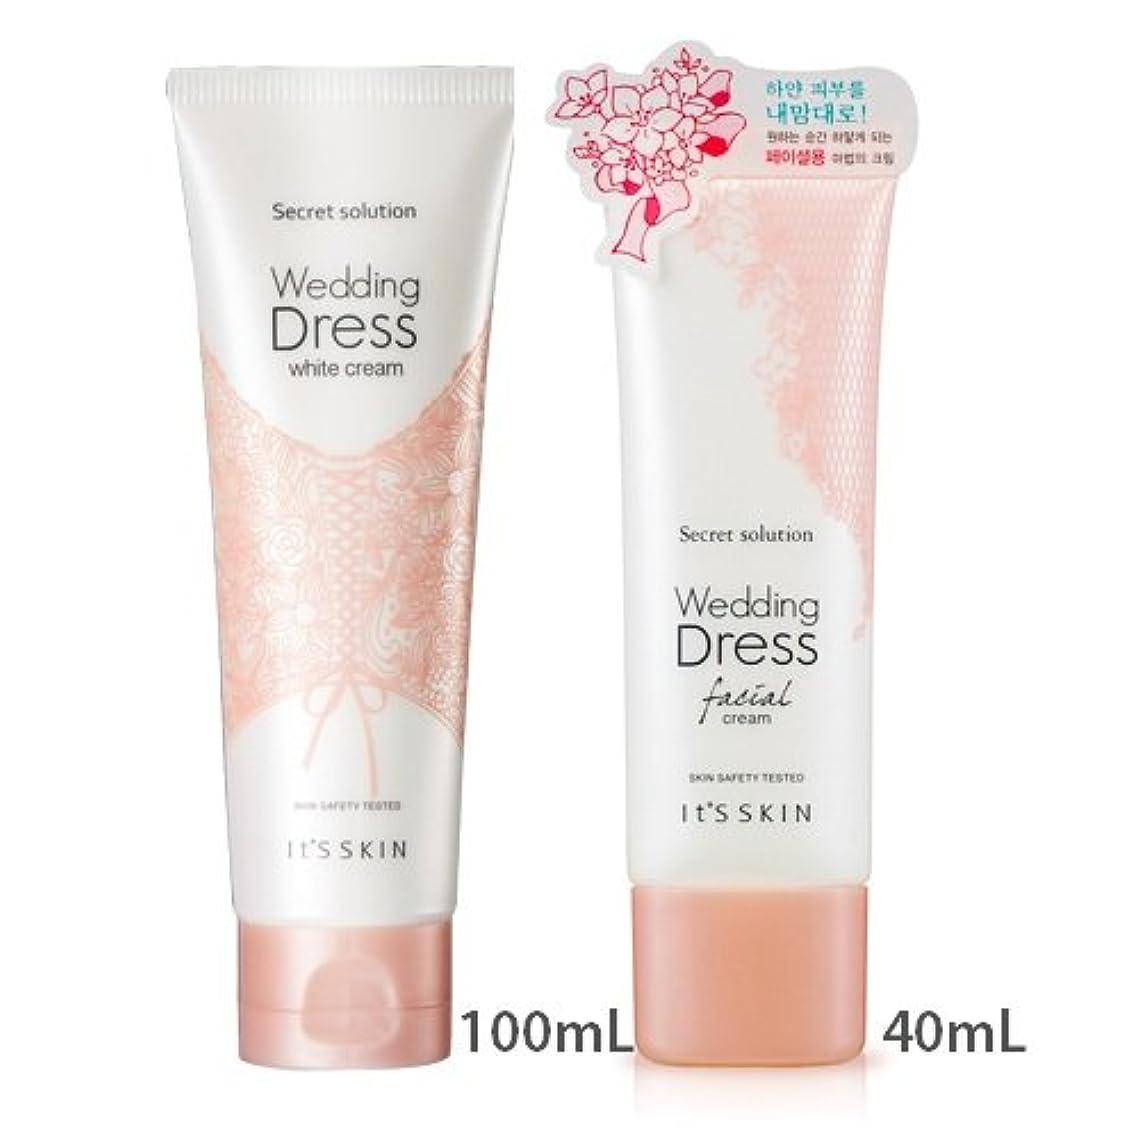 もの連結する不透明な[1+1] It's skin Secret Solution Wedding Dress Facial Cream 40mL + Secret Solution Wedding Dress Cream 100mL イッツスキン...